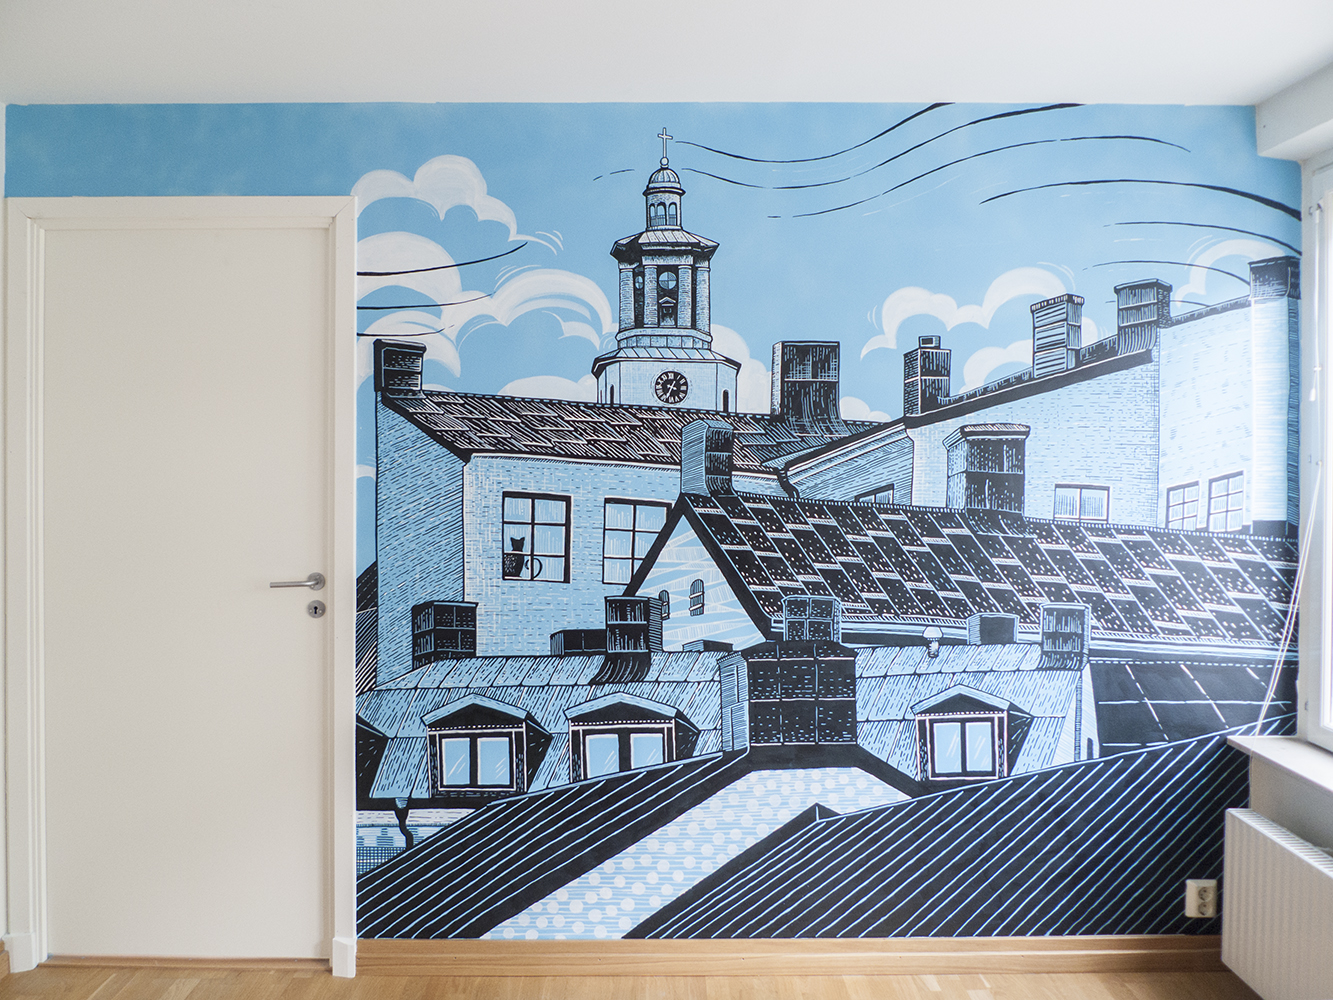 st-maria-magdalena-kyrka-väggmålning-mural-process-h-1000.jpg